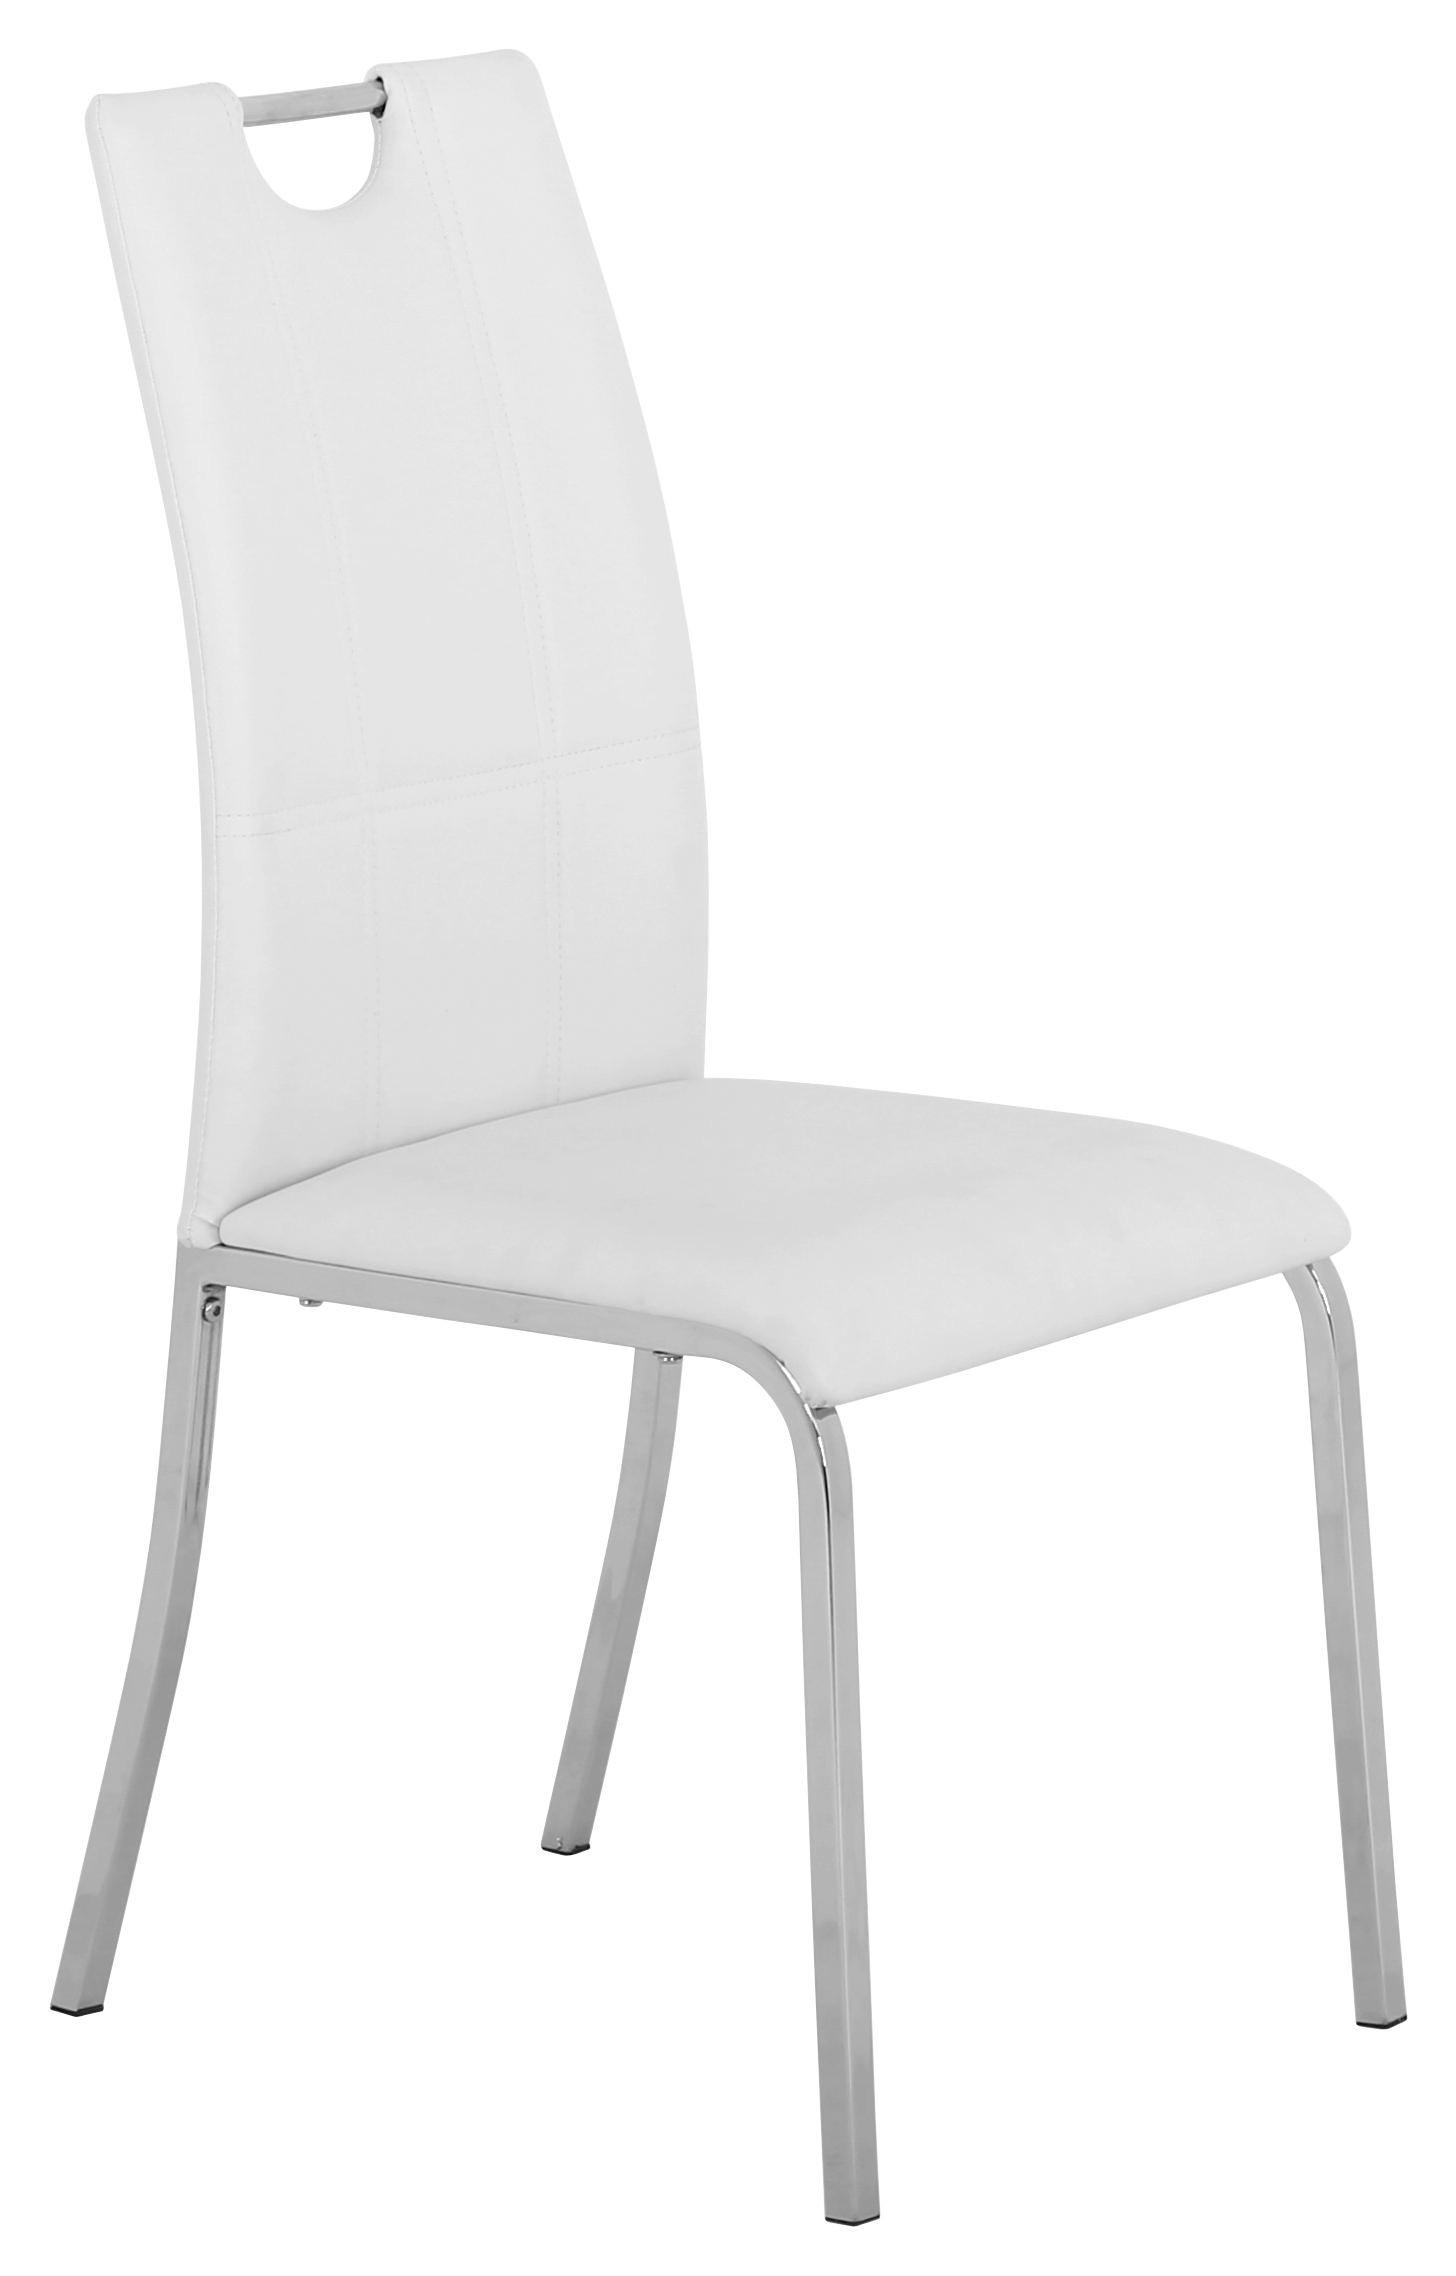 SZÉK MANDY - krómszínű/fehér, konvencionális, textil/fém (42,5/96/56cm)